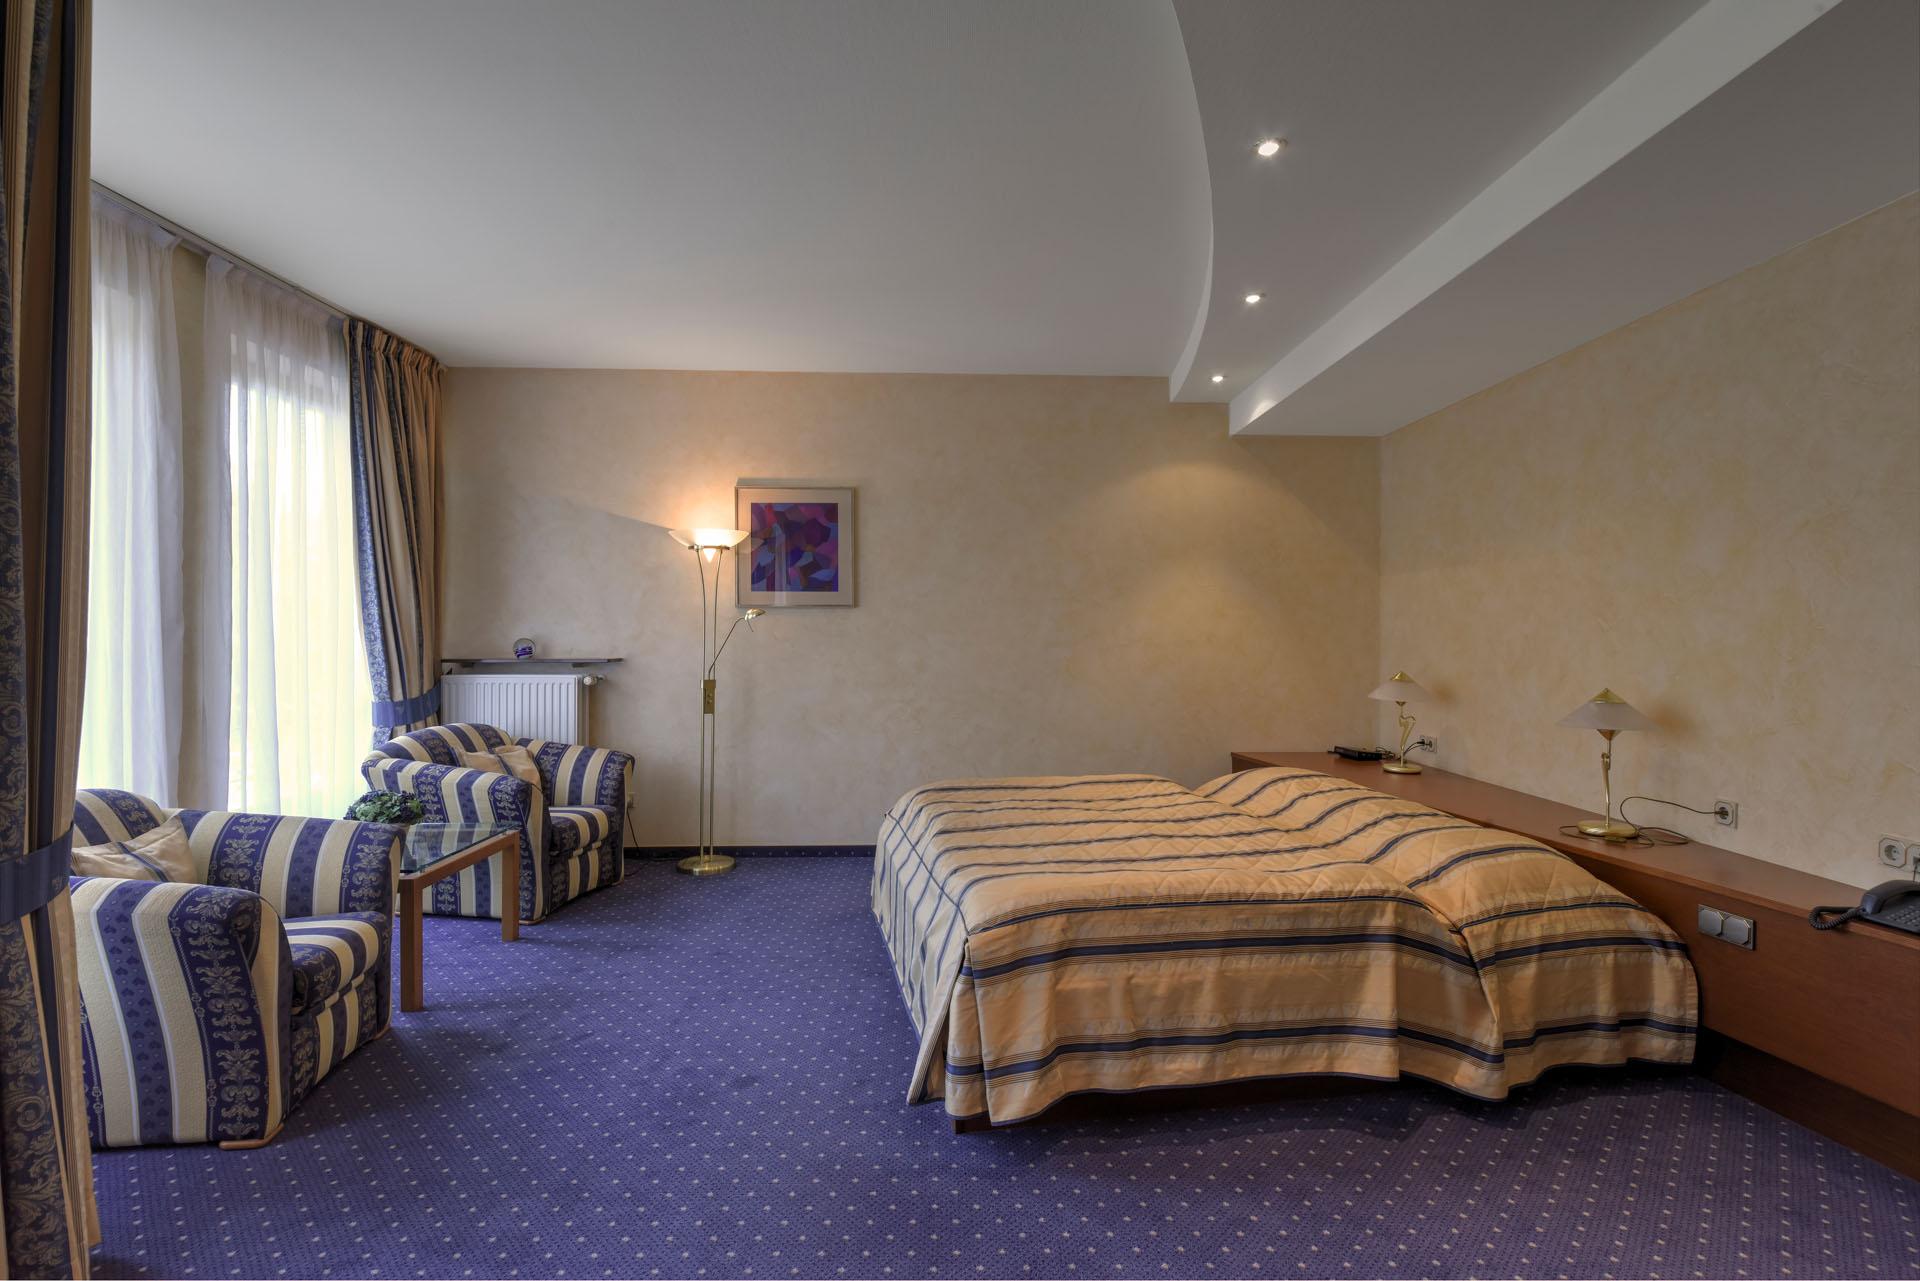 Hôtel Brimer - Hotel Brimer